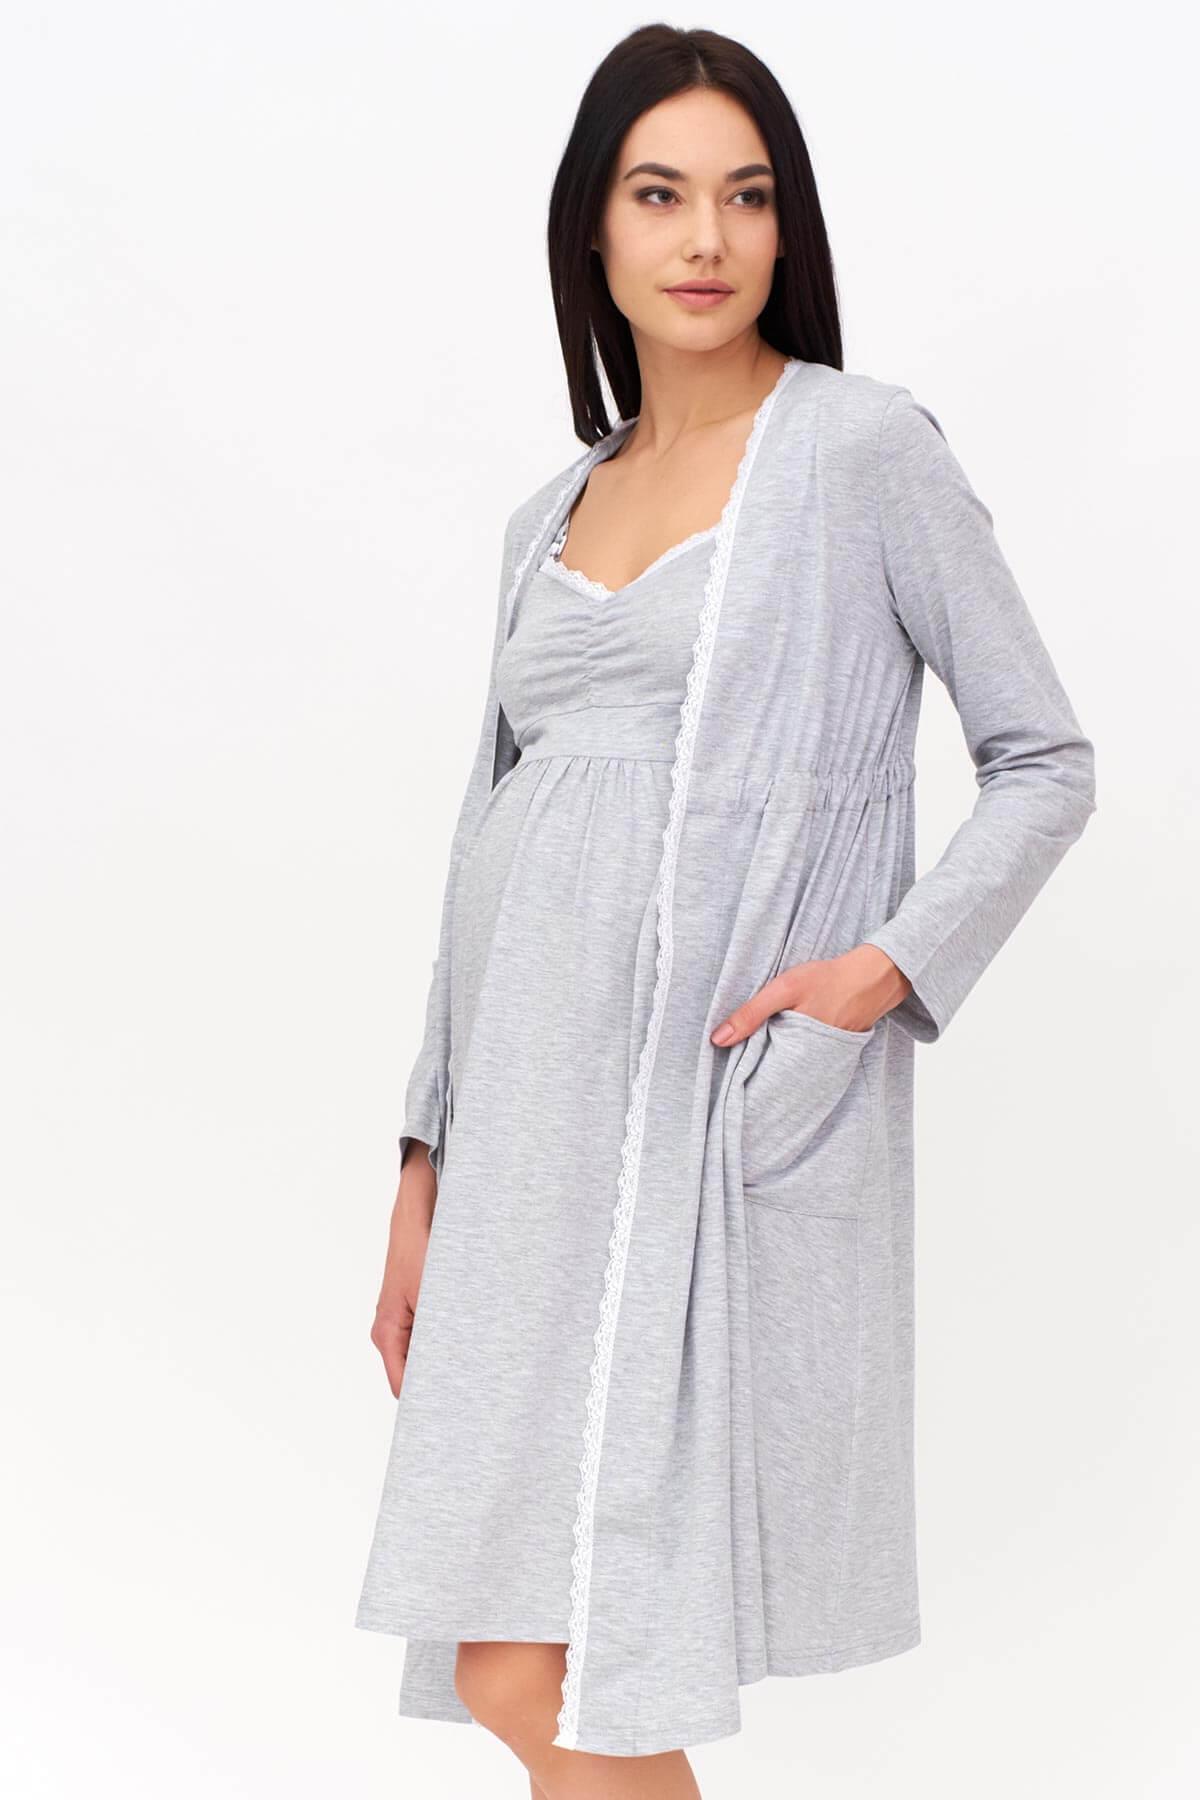 Халаты для беременных в ростове